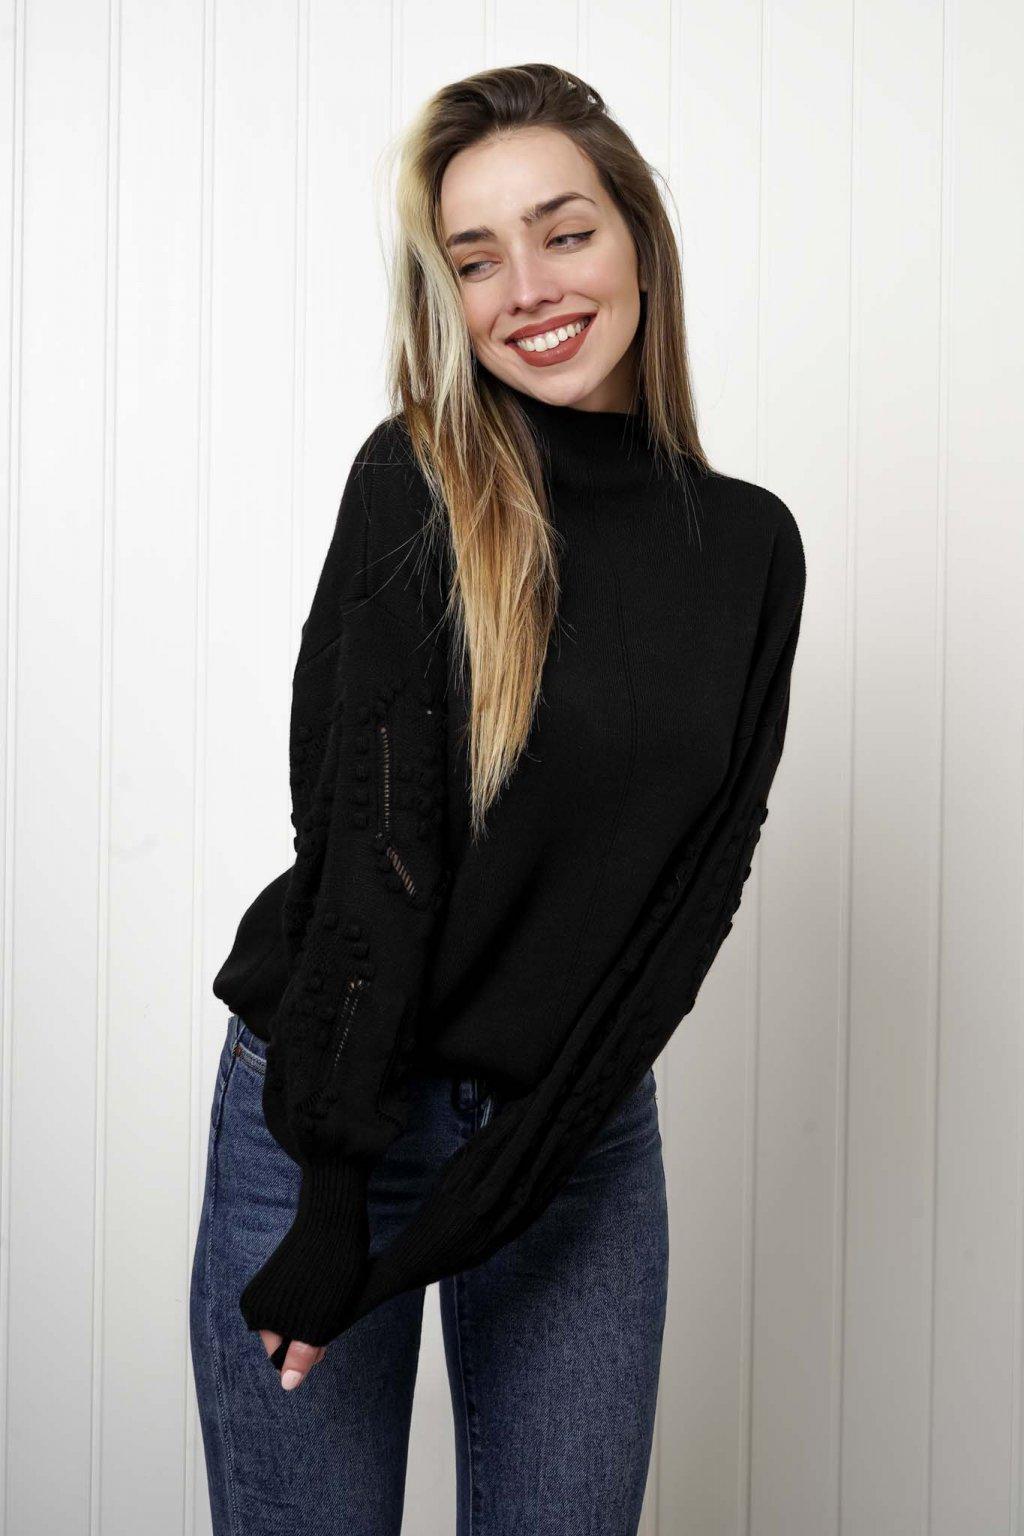 sveter, svetrík, sveter dámsky, úplet, úpletový sveter, jednoduchý sveter, v výstríh, štýlový, chlpatý,vzorovaný, srdiečkový, čierny, biely, farebný, 127